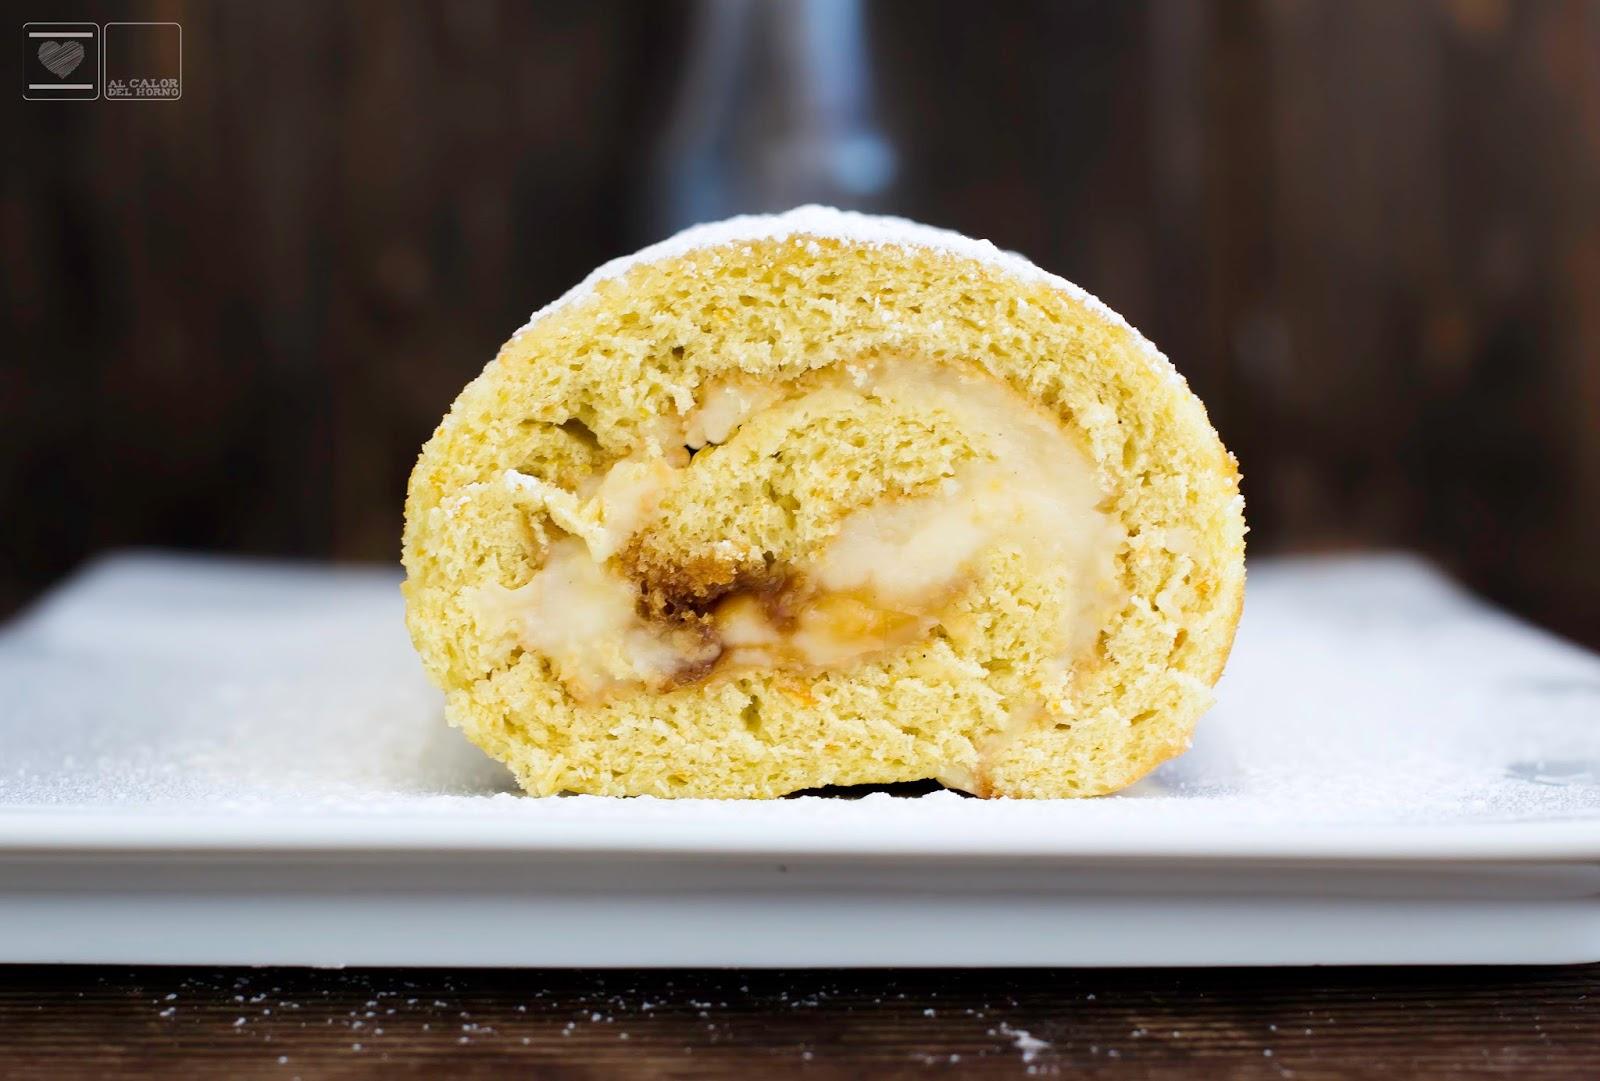 Rulo relleno de crema pastelera y azúcar tostada